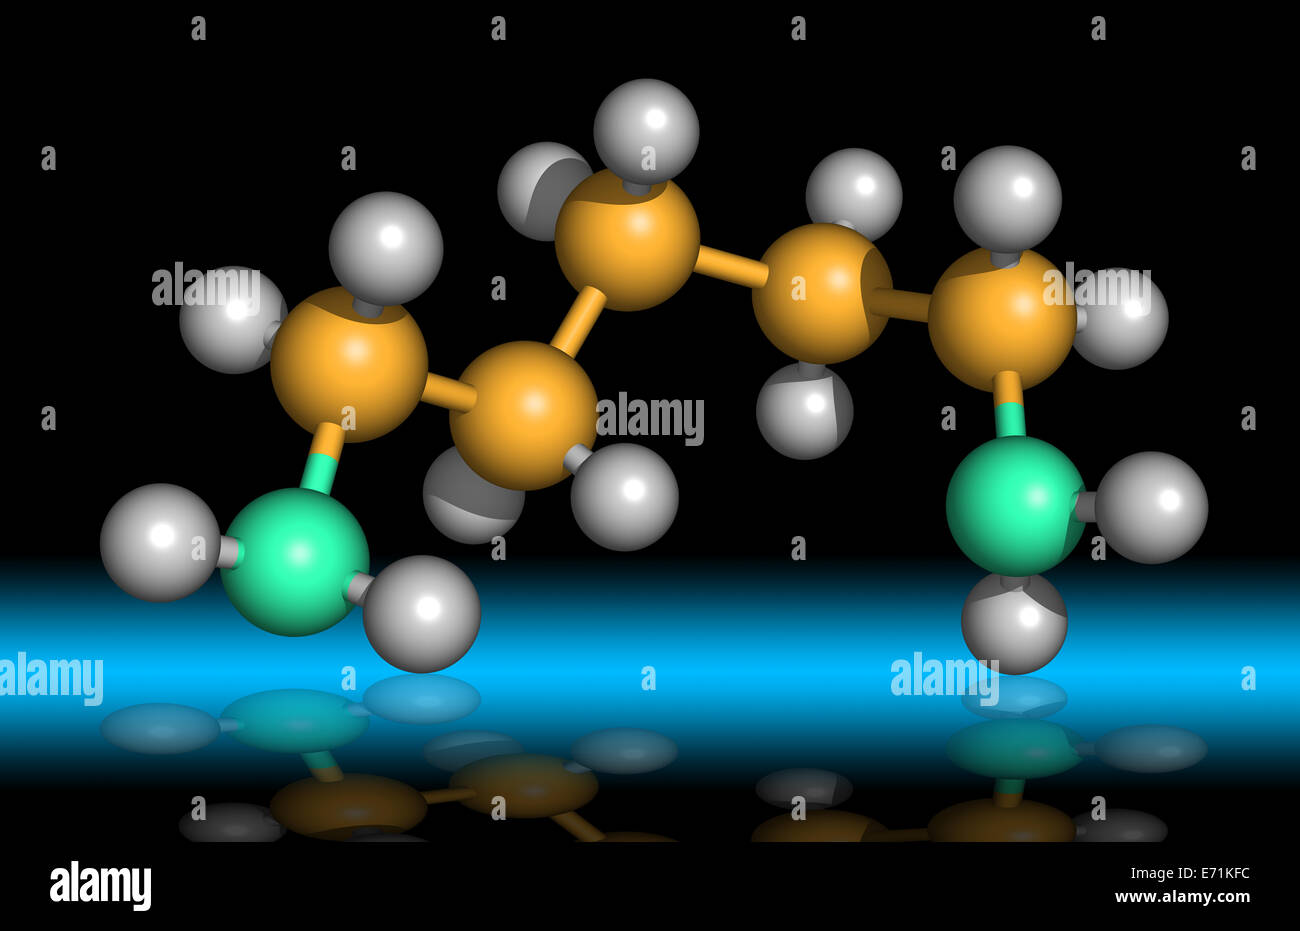 Cadaverin ist eine übelriechende Diamin Verbindung von Proteinhydrolyse während Fäulnis von tierischem Stockbild